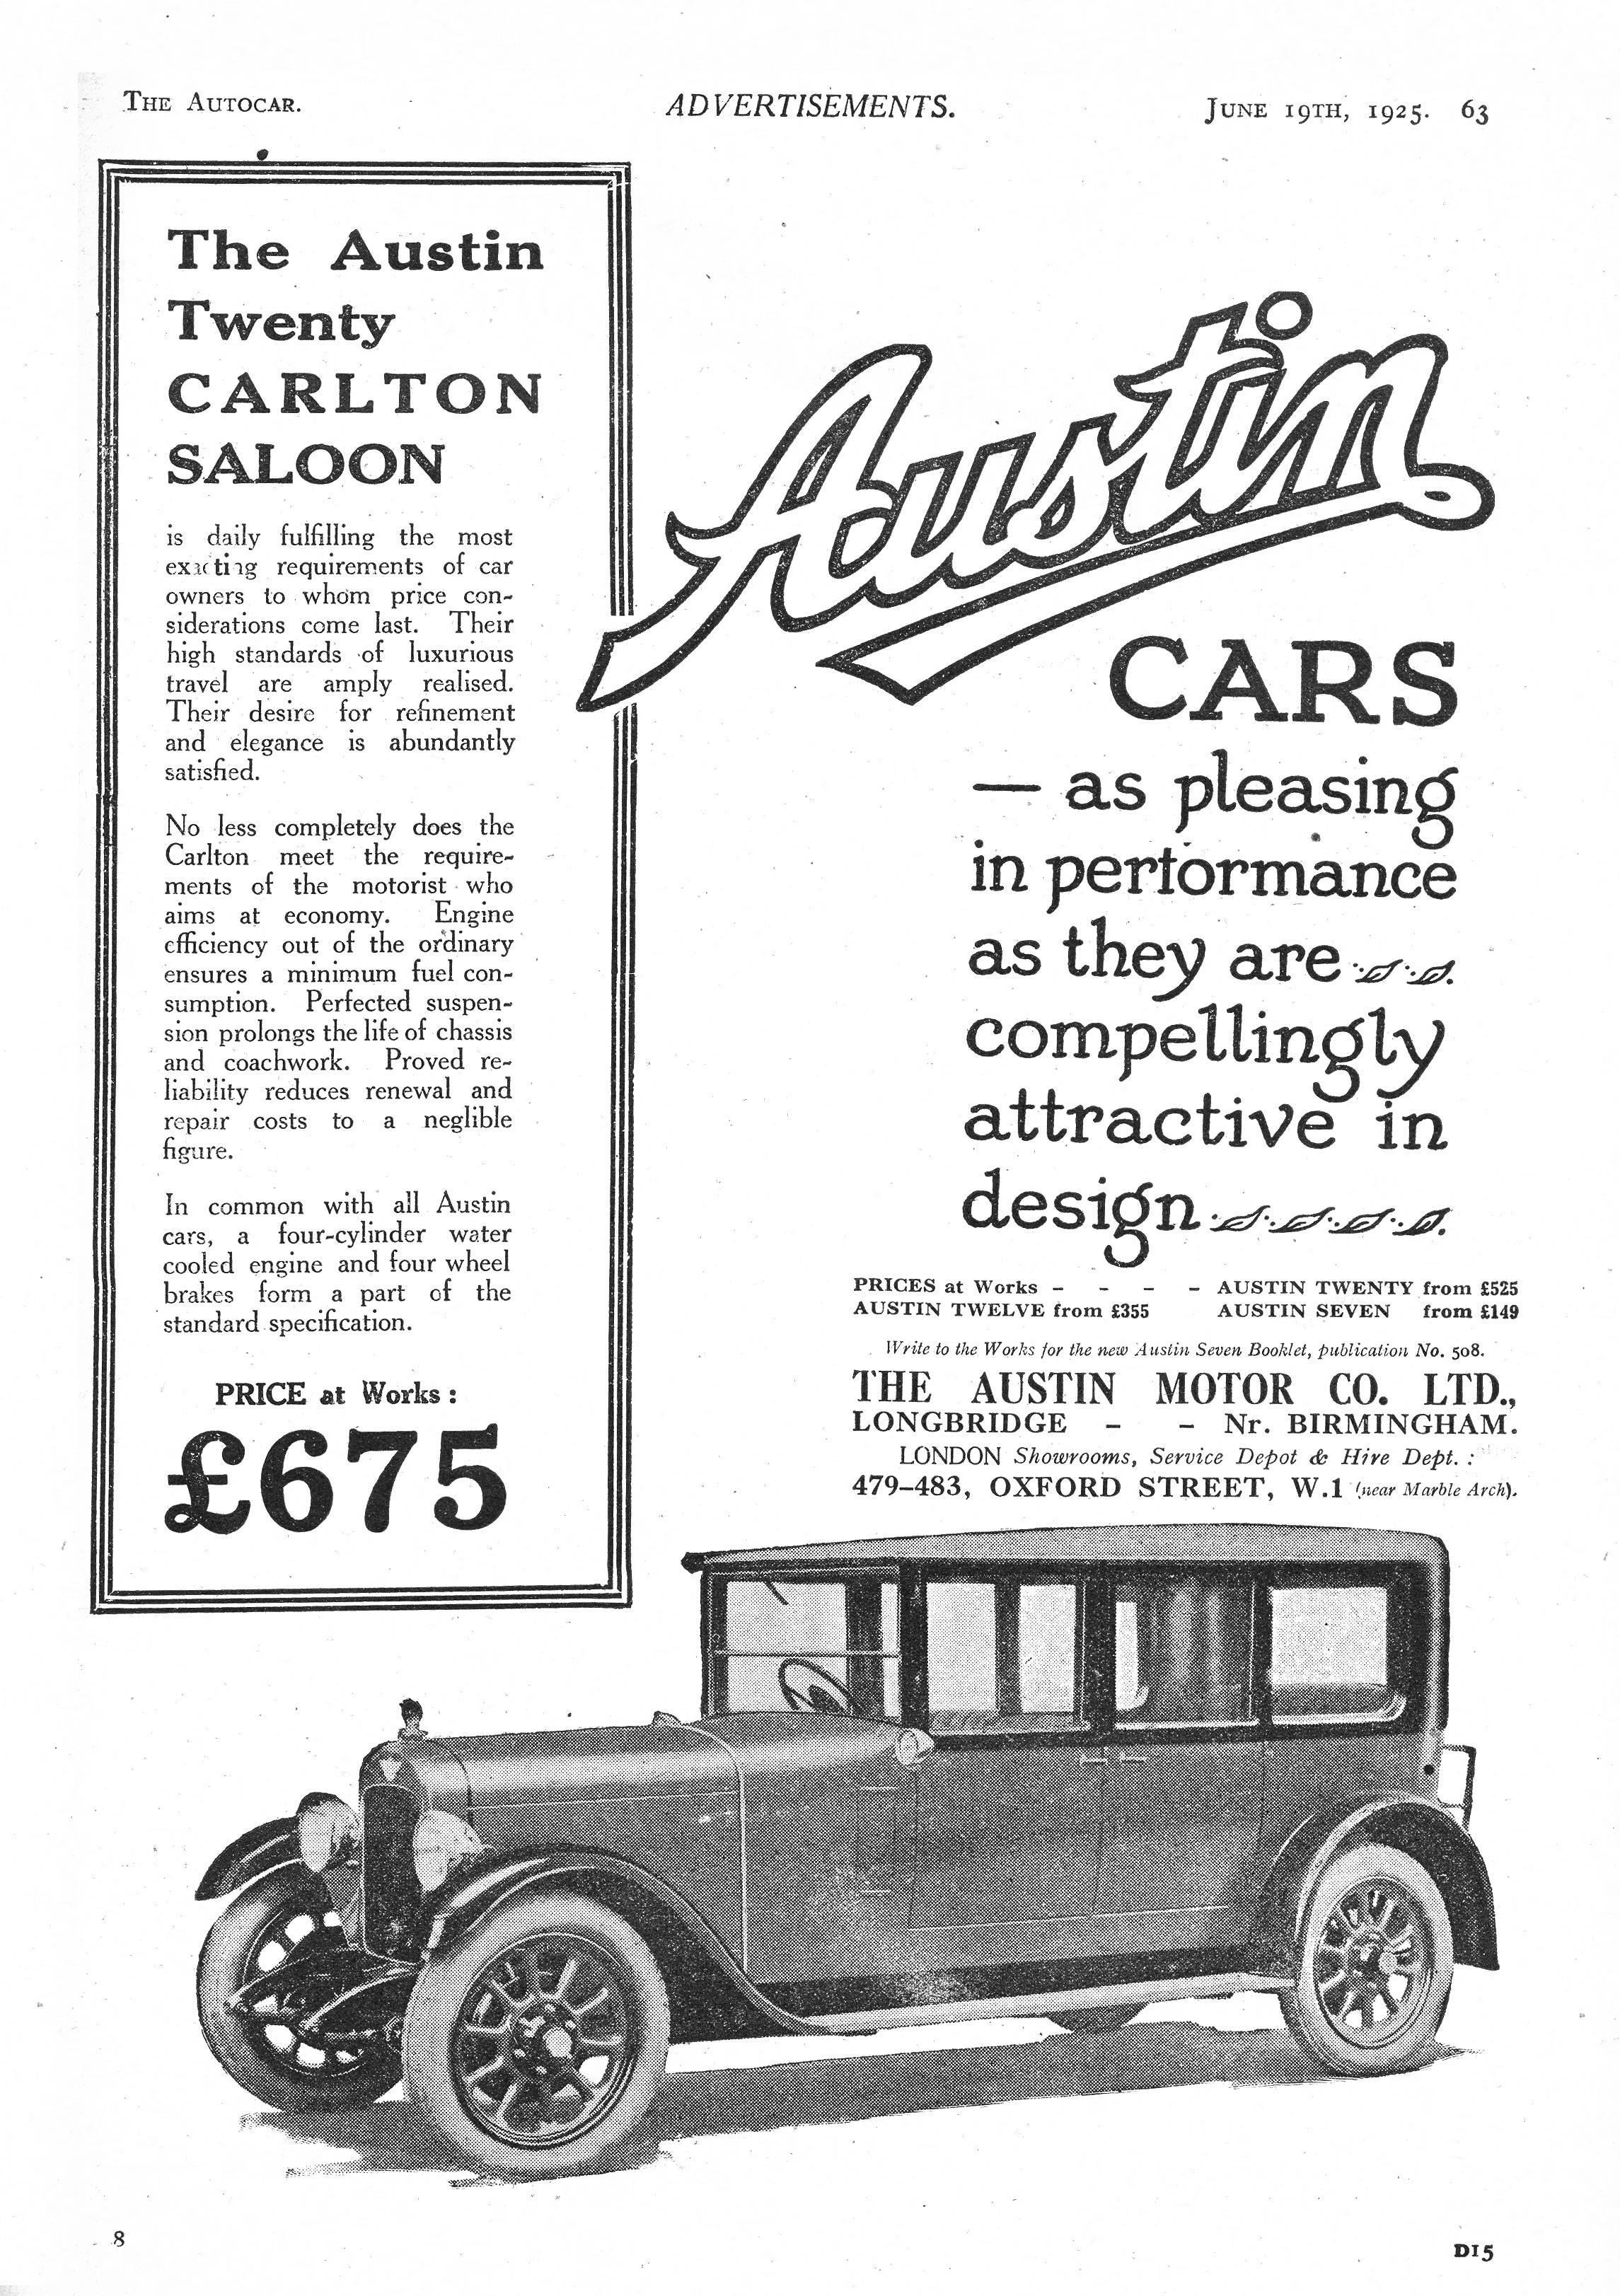 Austin Car Autocar Advert 1925 - Austin Twenty 20 Carlton Saloon ...